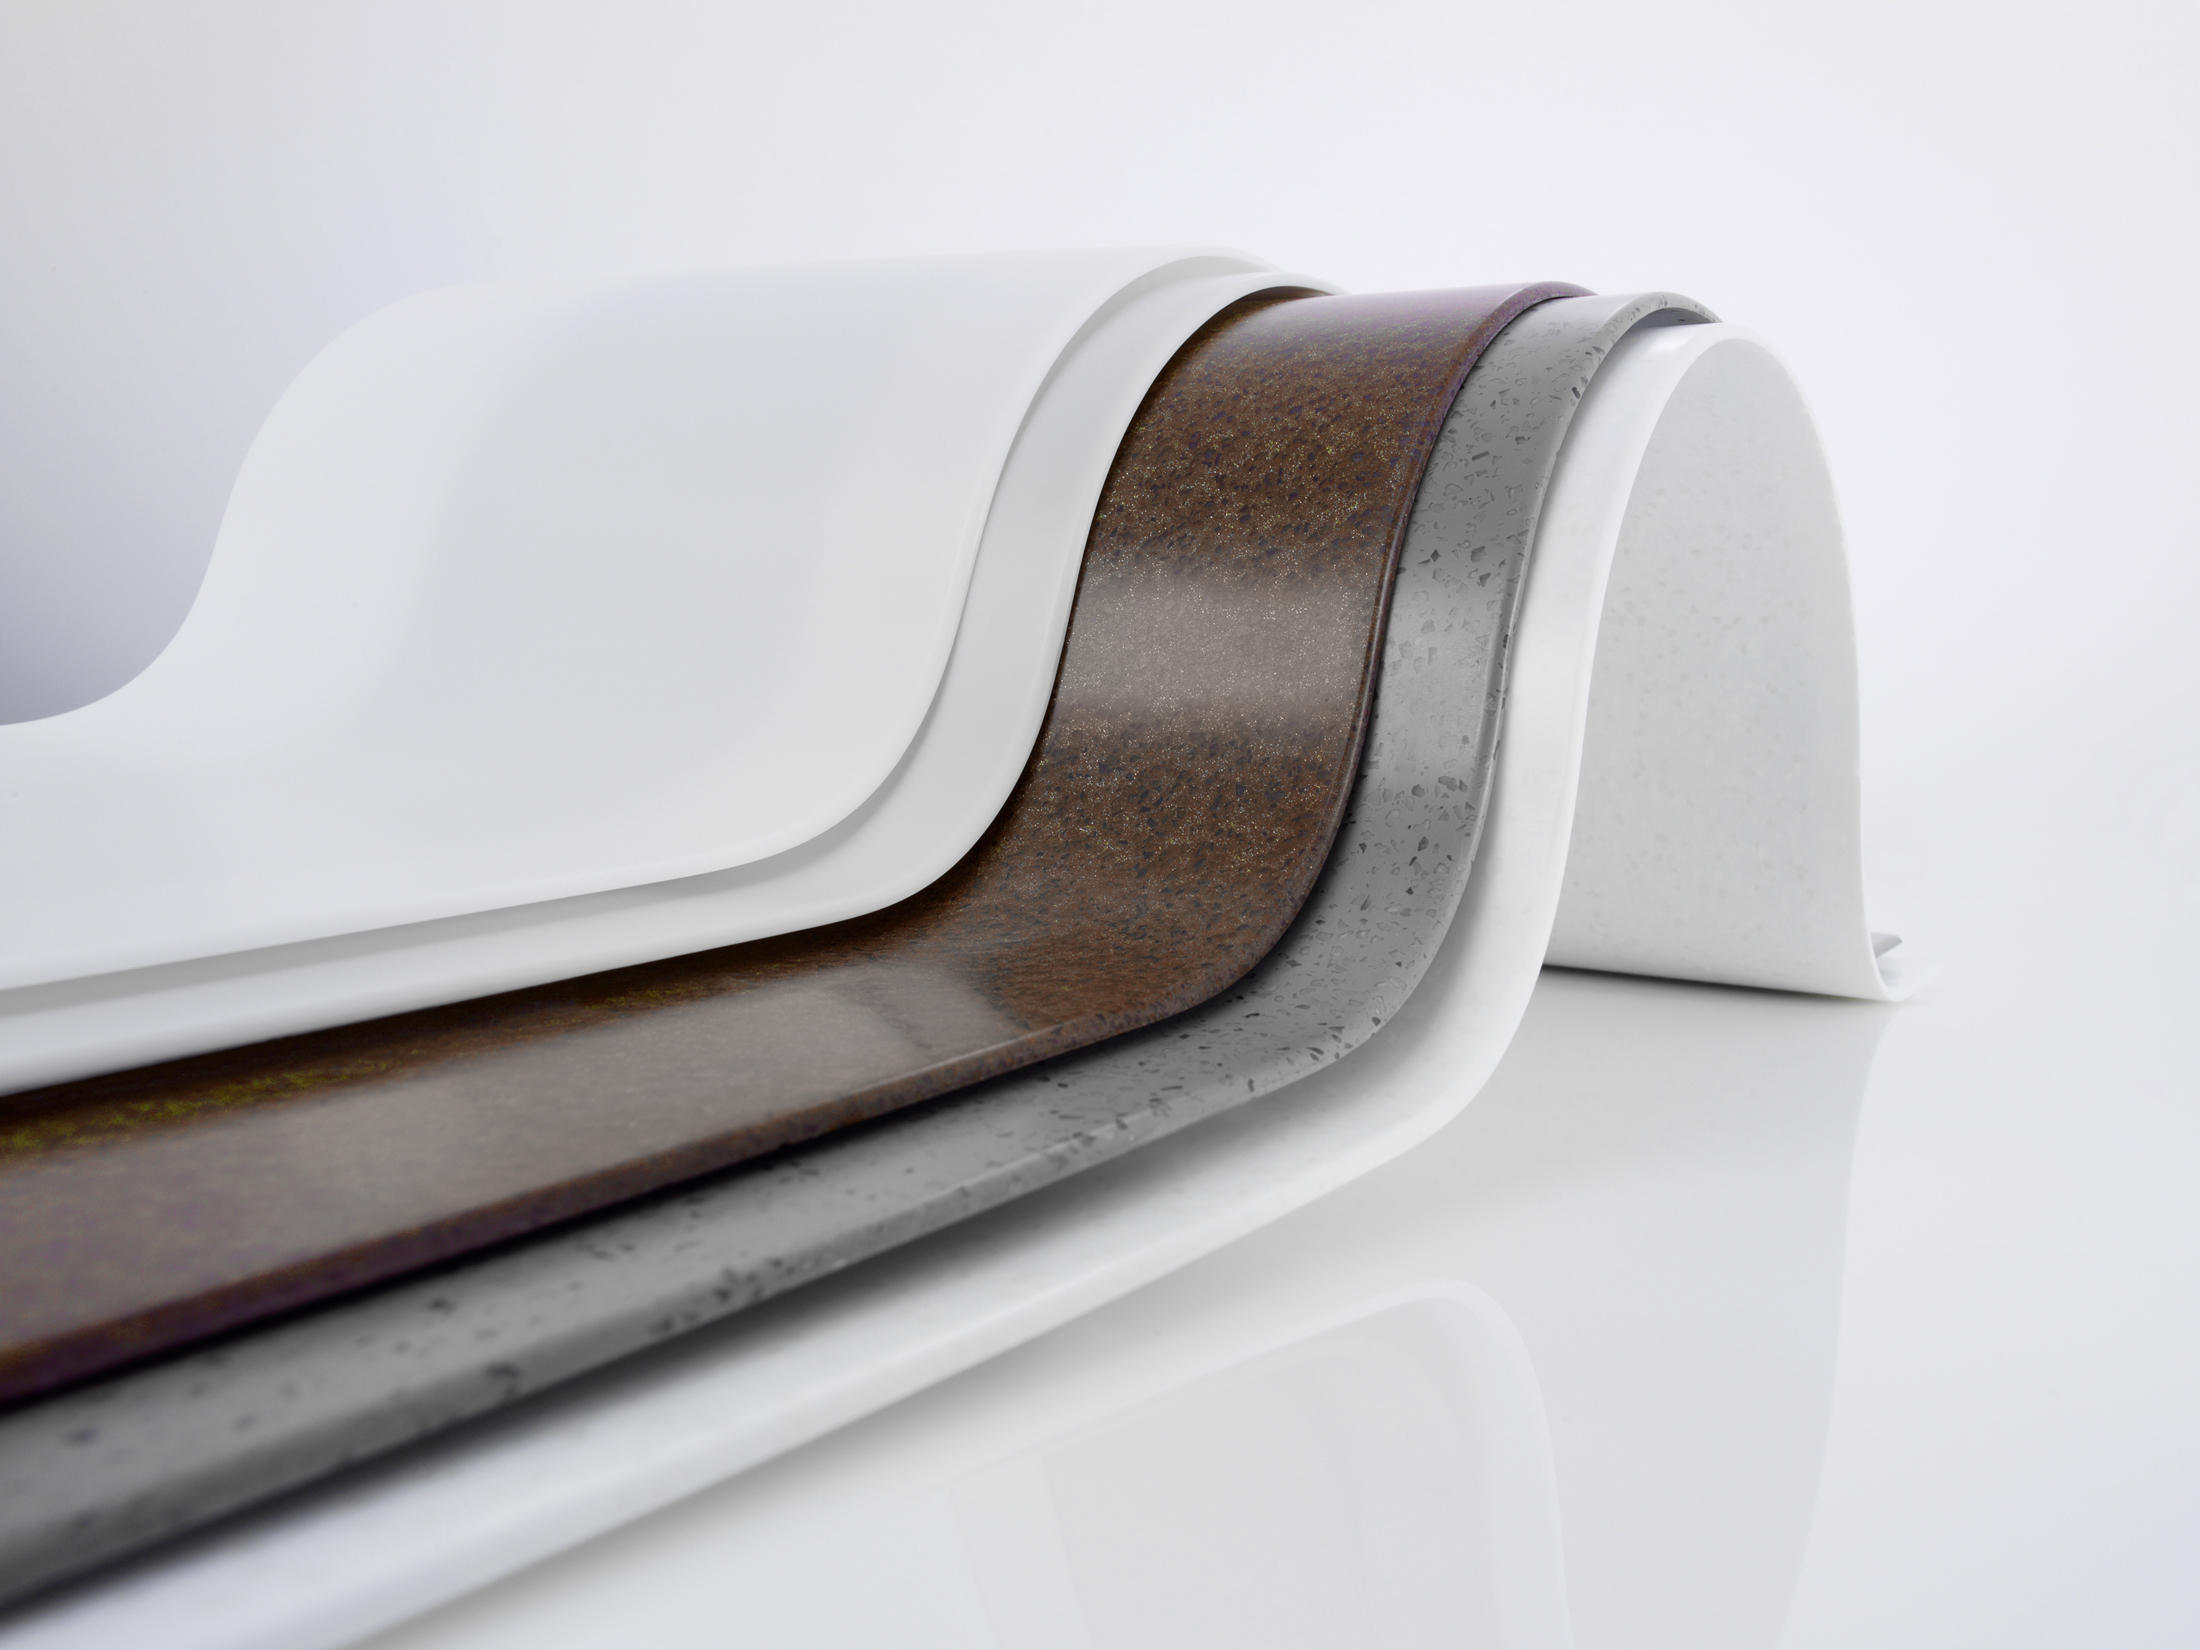 rauvisio mineral nebbia 176l compuesto mineral. Black Bedroom Furniture Sets. Home Design Ideas